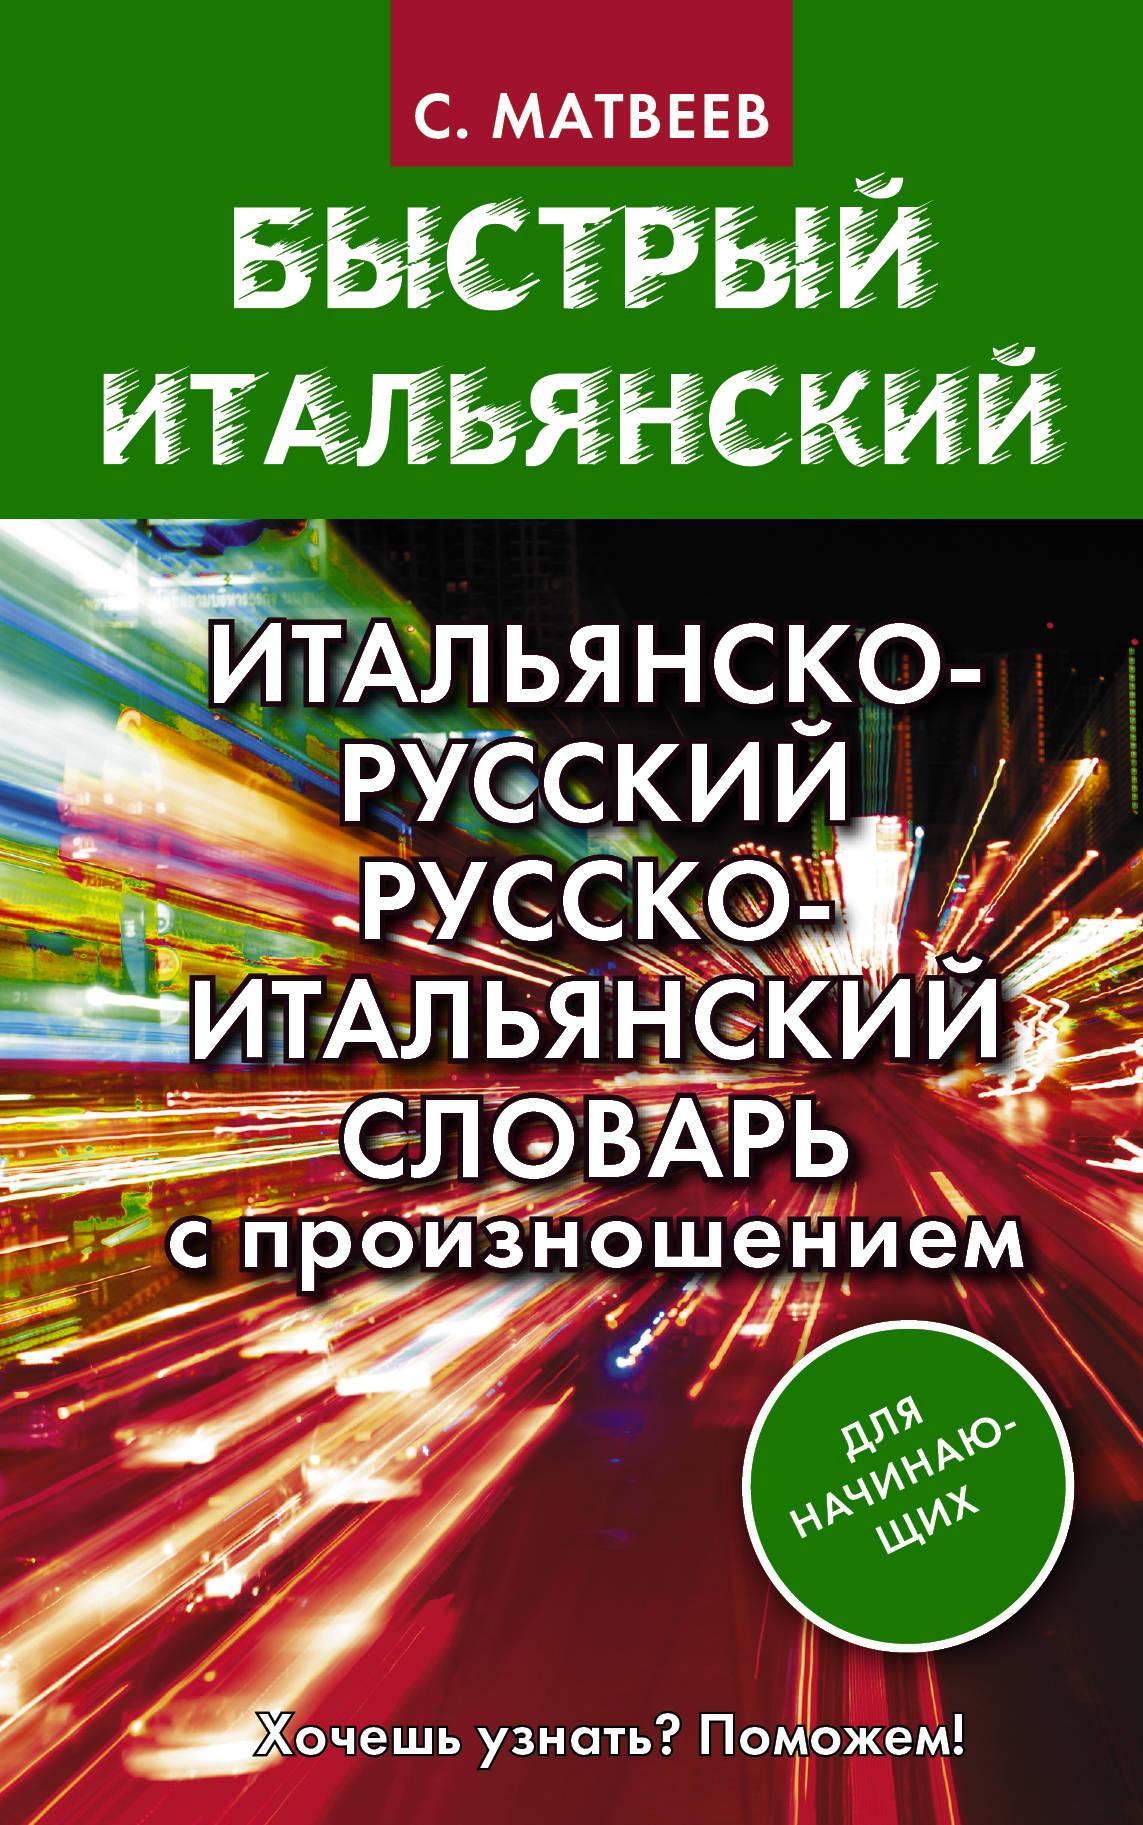 Матвеев Сергей Александрович Итальянско-русский русско-итальянский словарь с произношением для начинающих стоимость